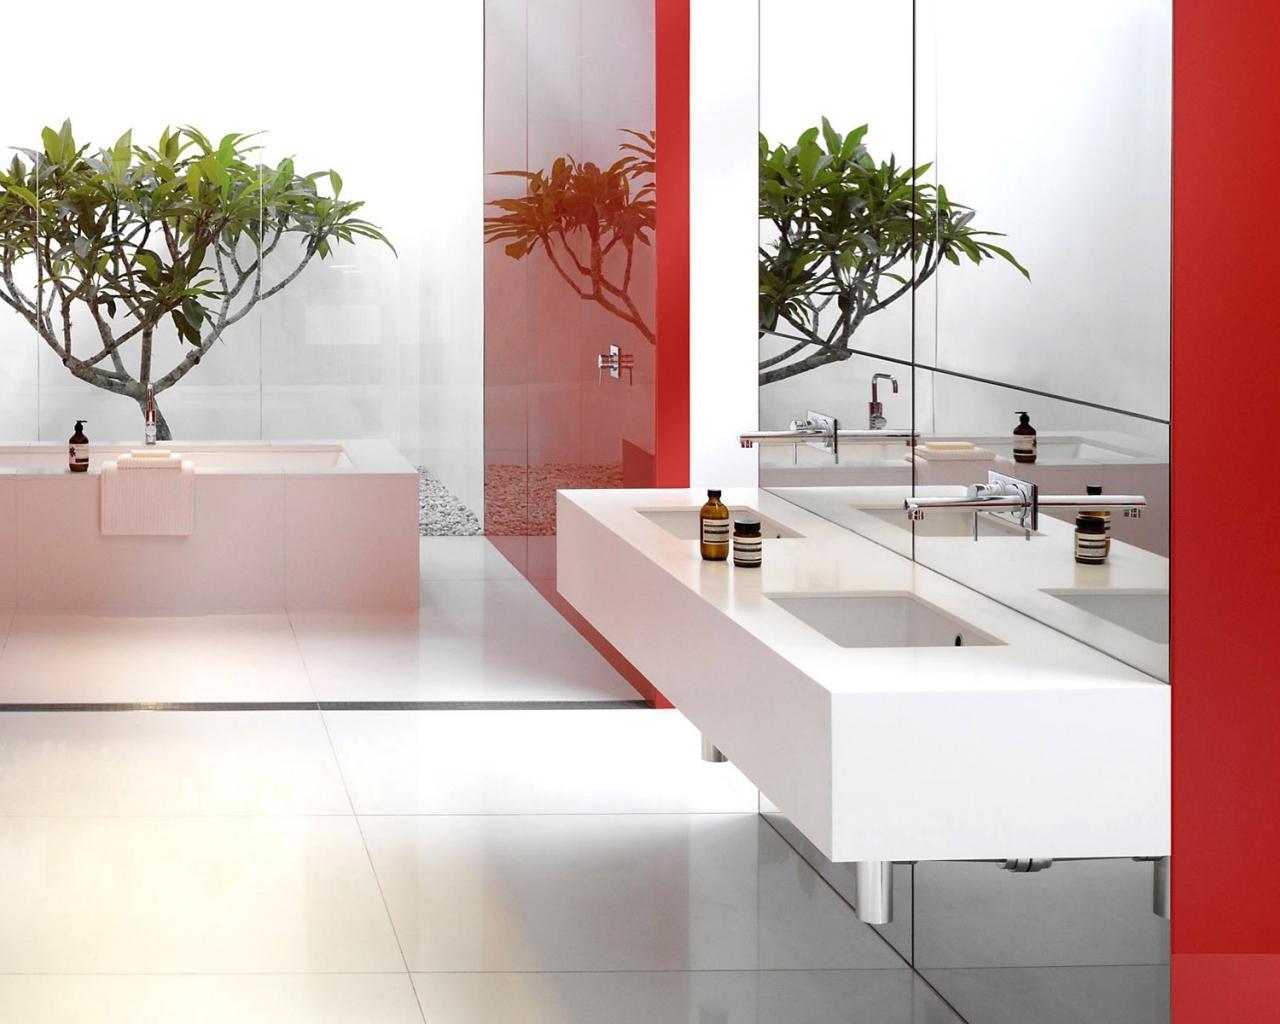 dise o de lavamanos hd 1280x1024 imagenes wallpapers